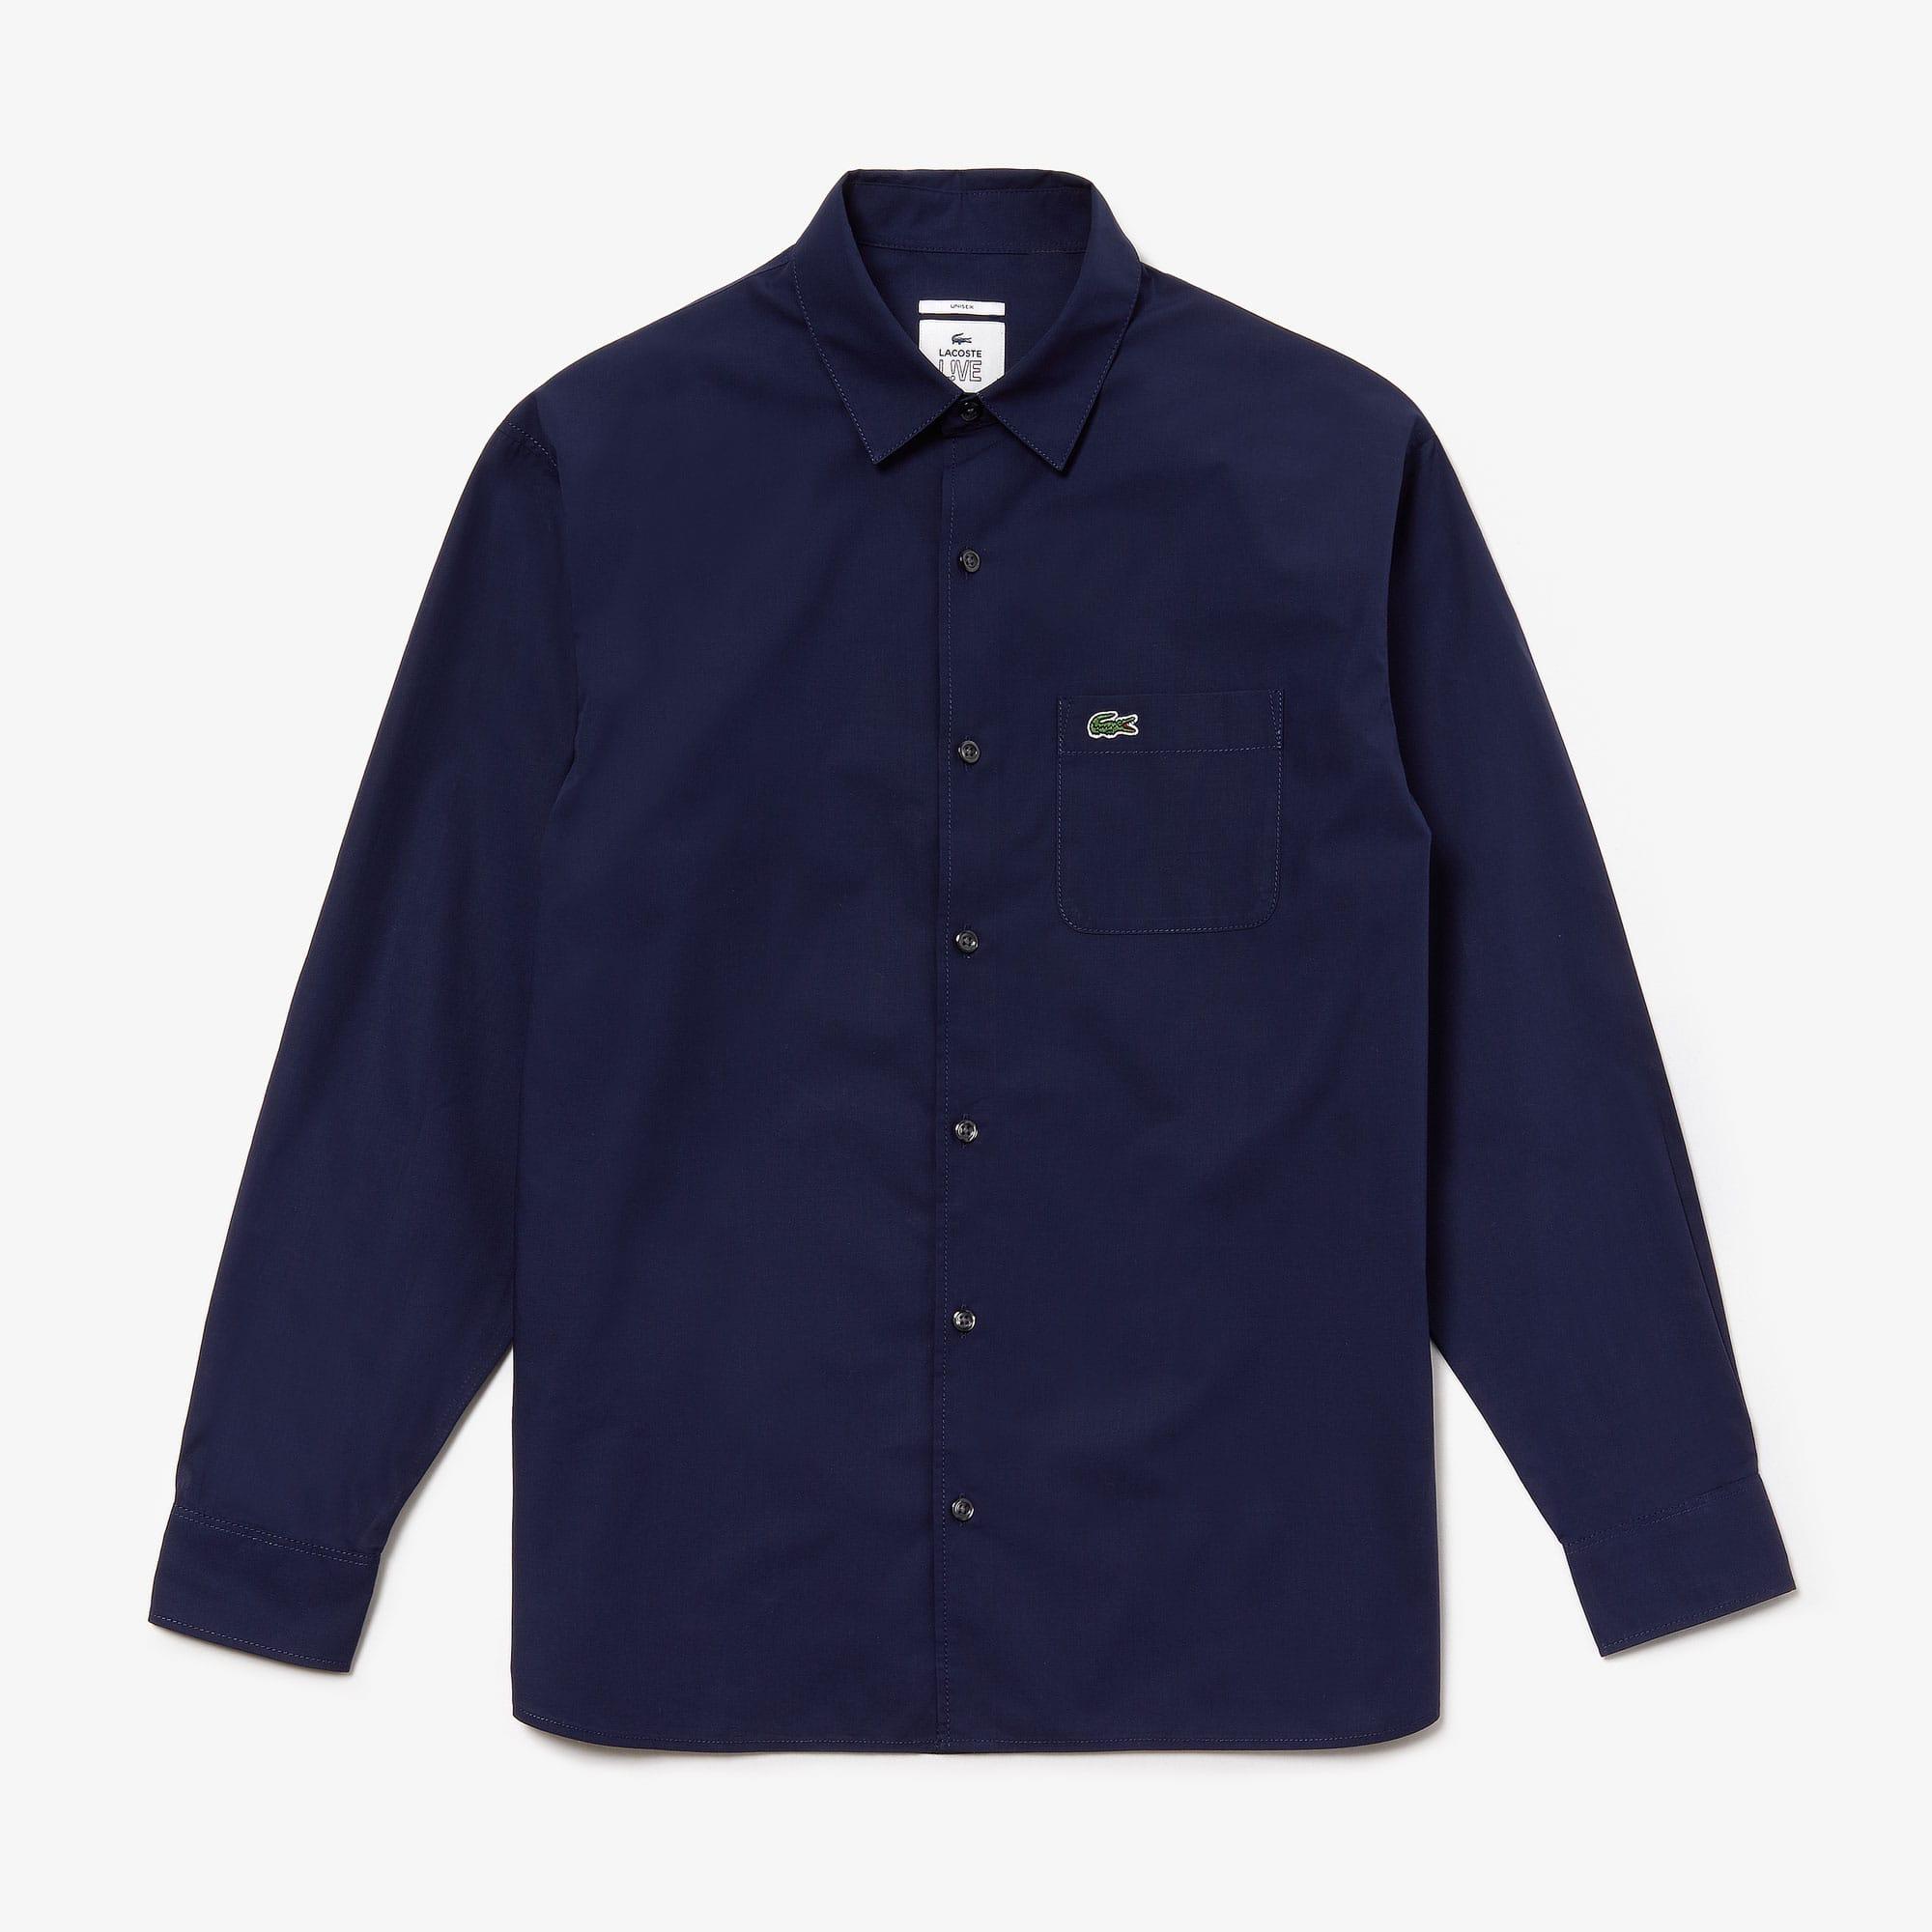 256e20ec5 Chemises homme | Vêtements homme | LACOSTE